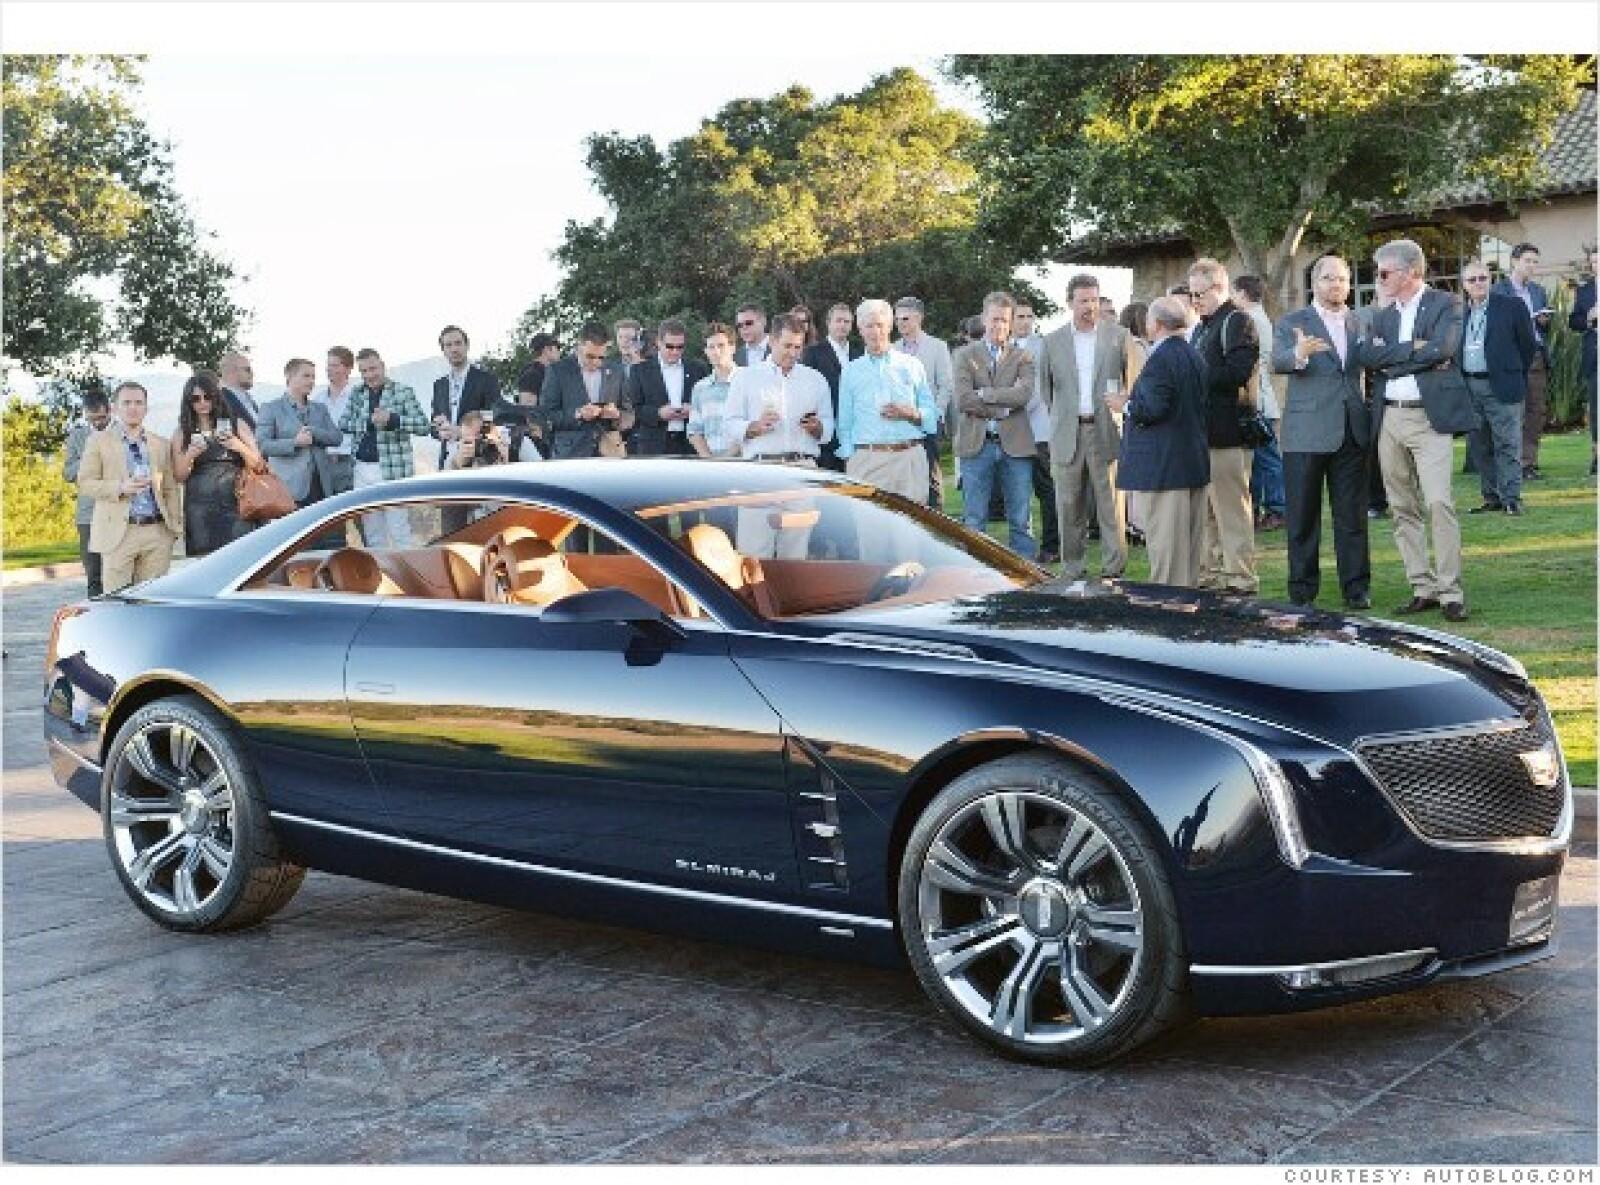 Cadillac está trabajando en un nuevo auto insignia ultragrande. Este año, la idea ha dado un gigantesco paso hacia un modelo de producción con el Elmiraj de capota dura y dos puertas. Con más de 5 metros de longitud.